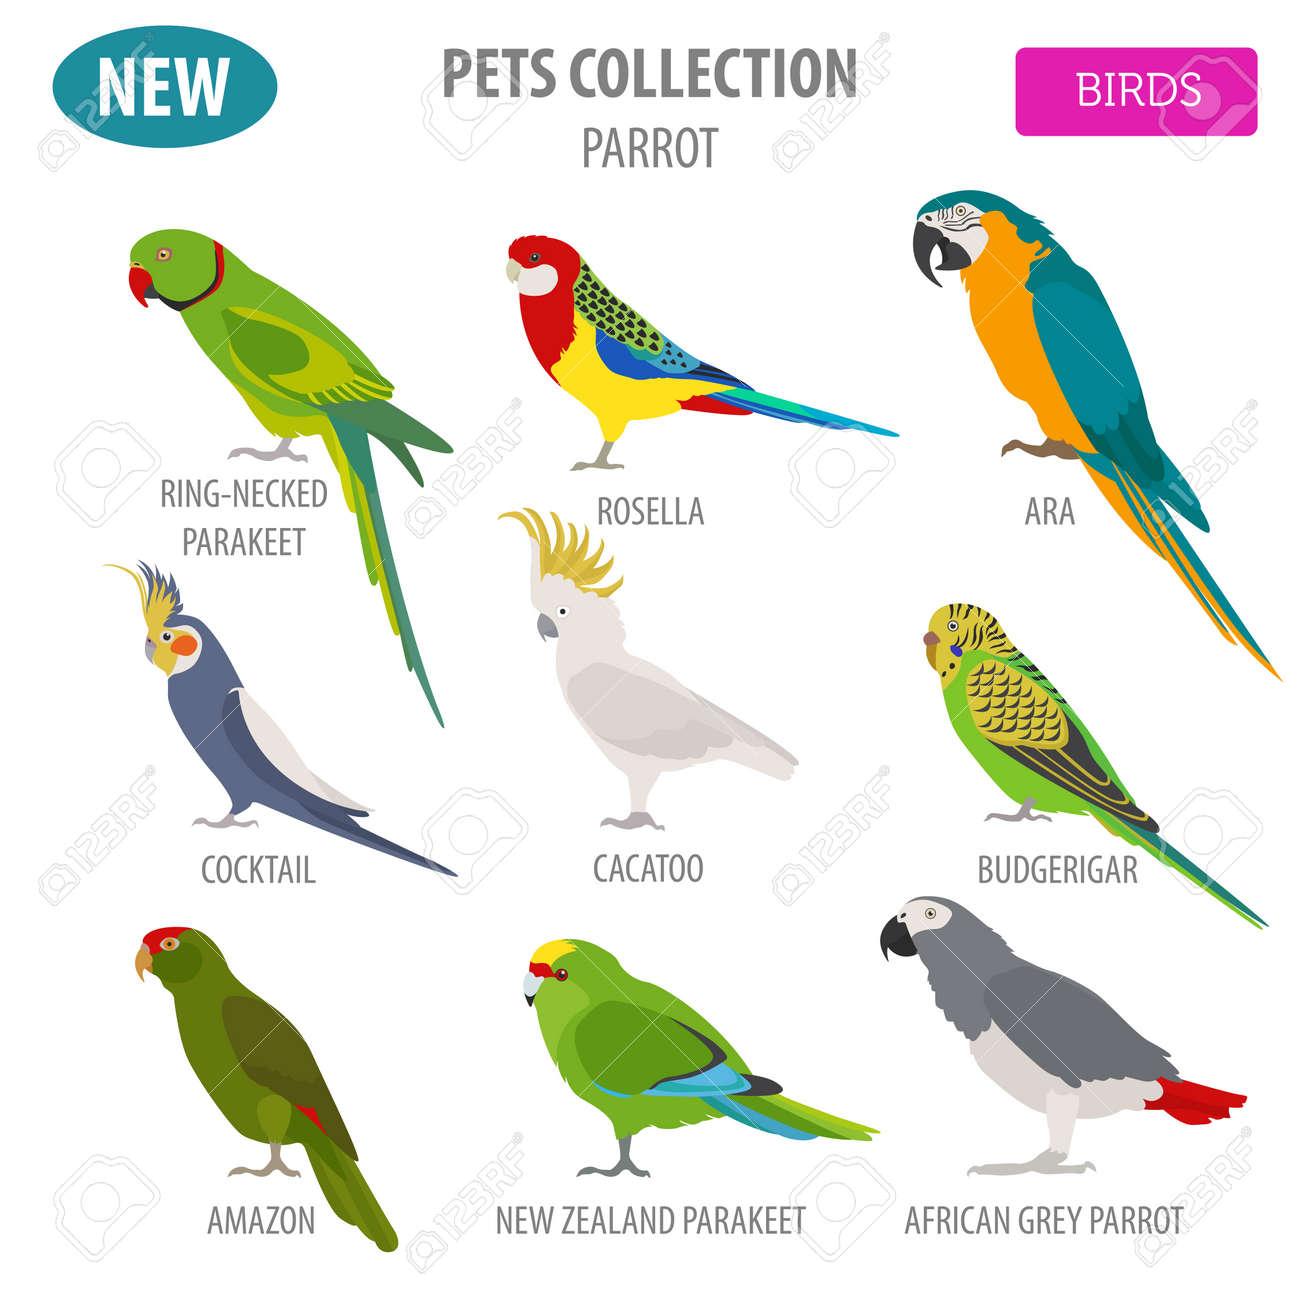 Pet Birds Breeds Pet S Gallery